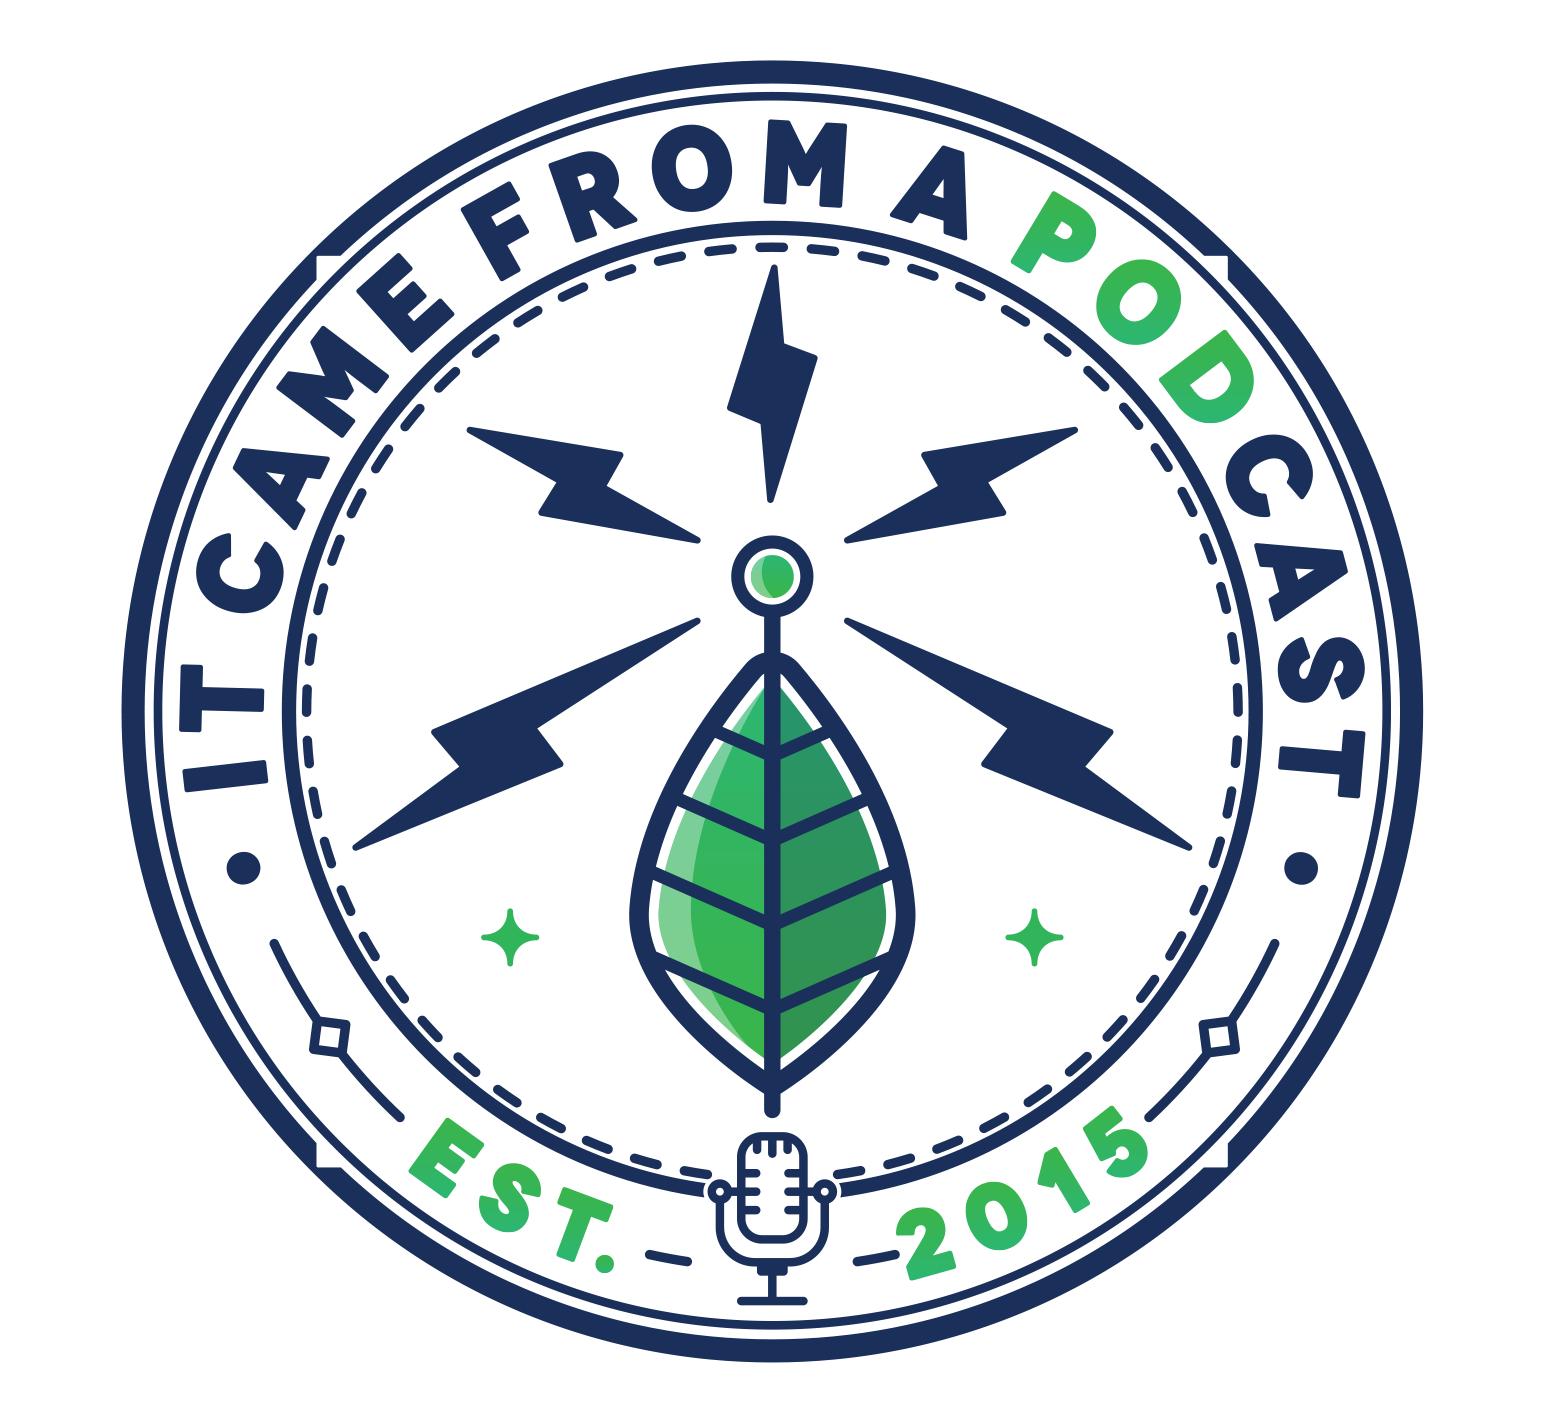 ICFPC_Badge.png